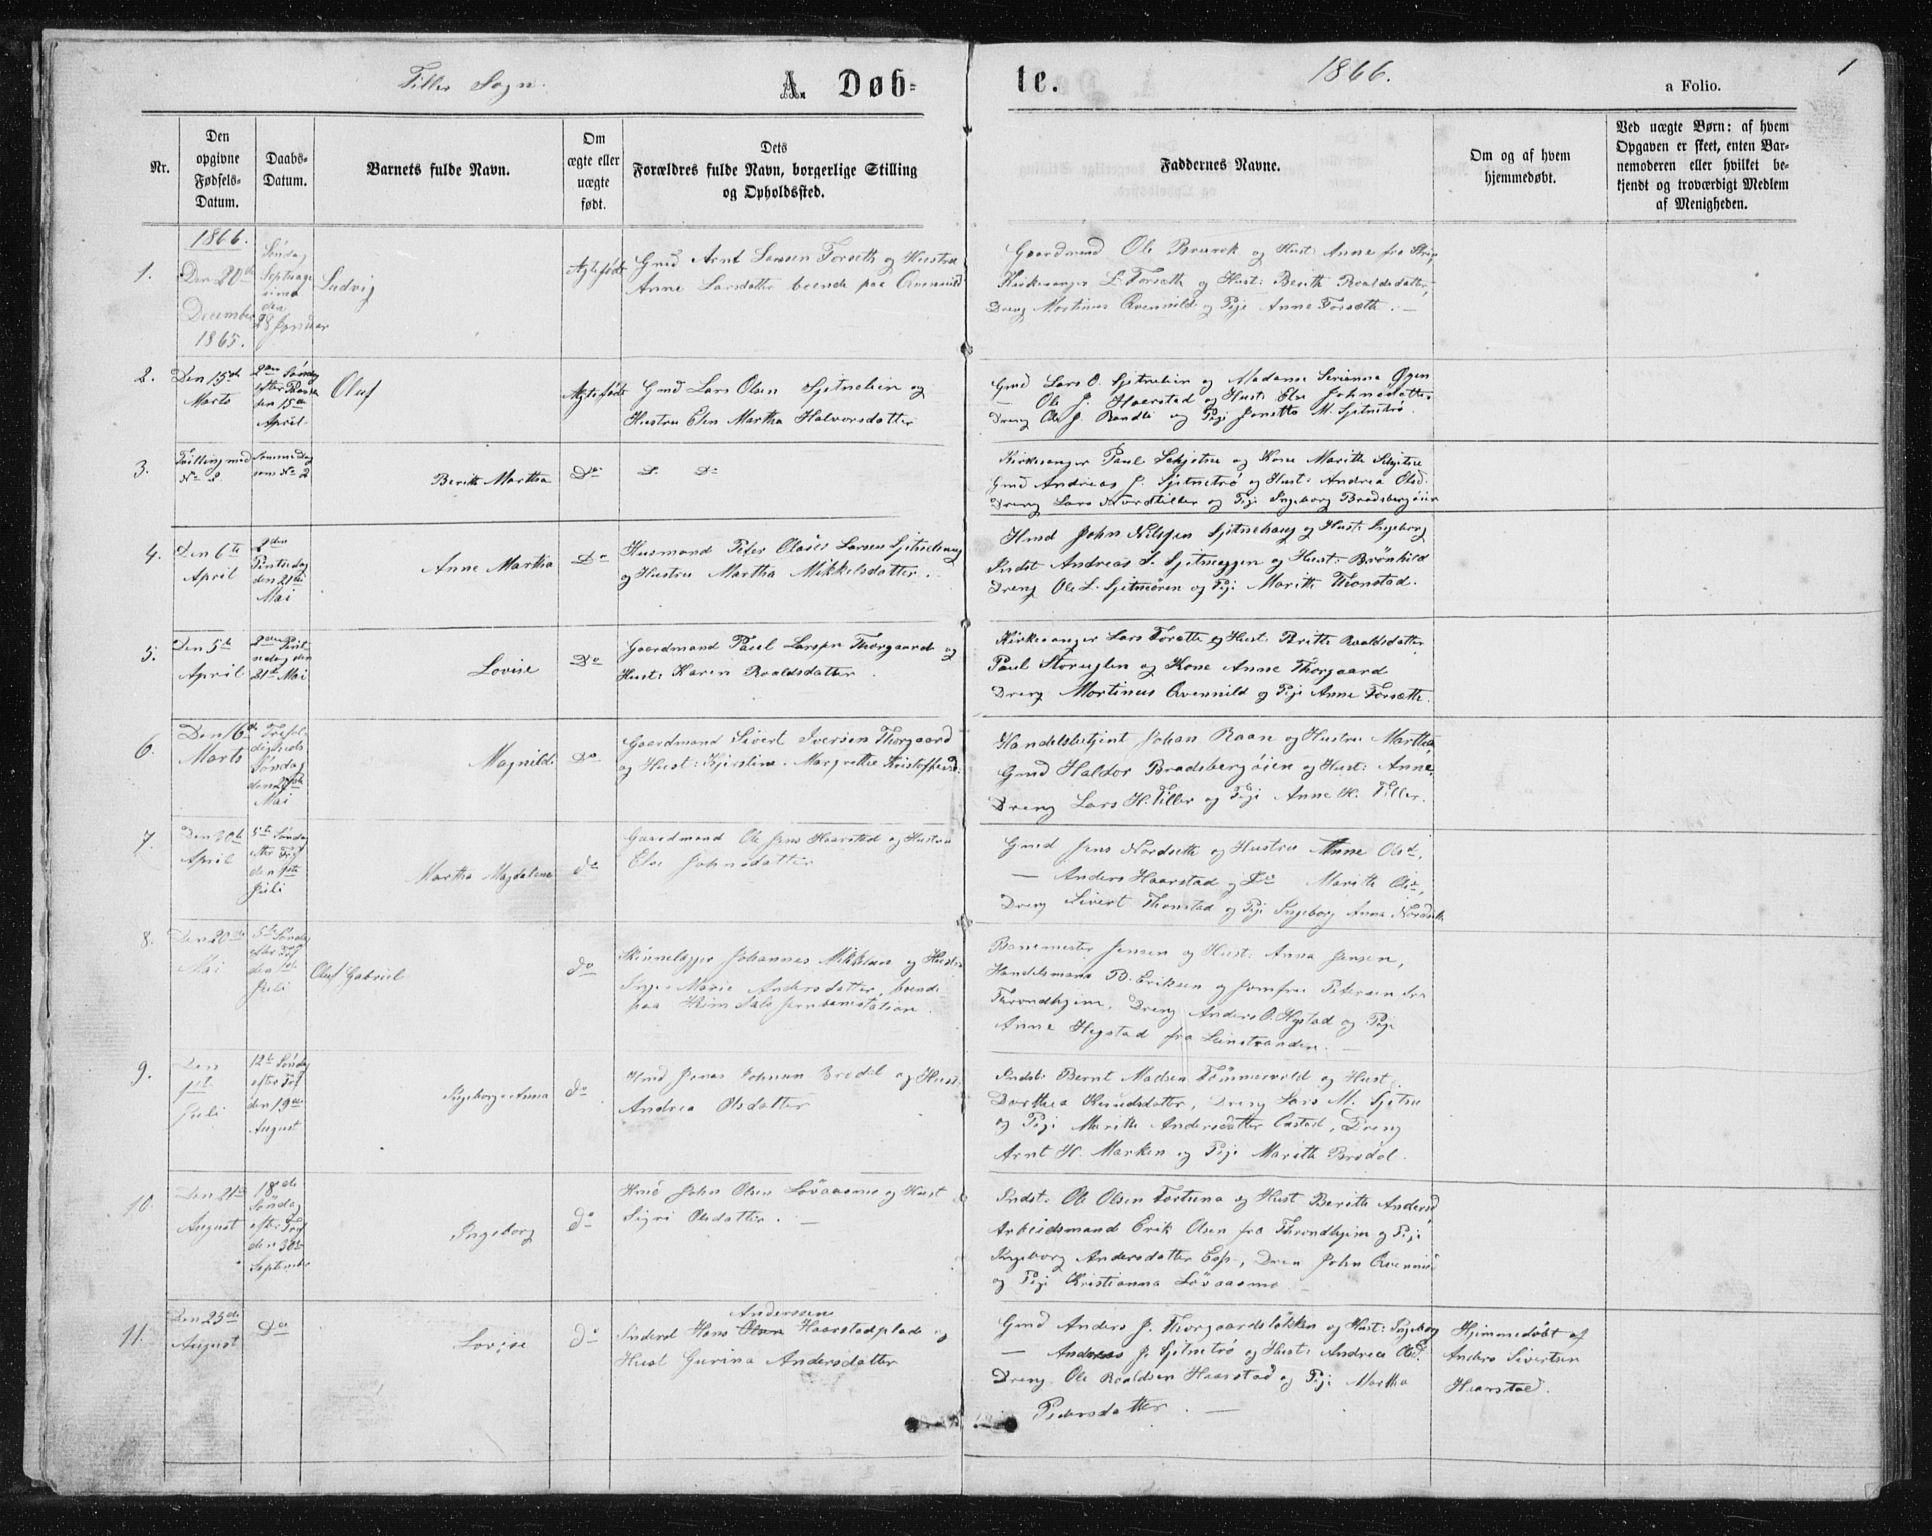 SAT, Ministerialprotokoller, klokkerbøker og fødselsregistre - Sør-Trøndelag, 621/L0459: Klokkerbok nr. 621C02, 1866-1895, s. 1